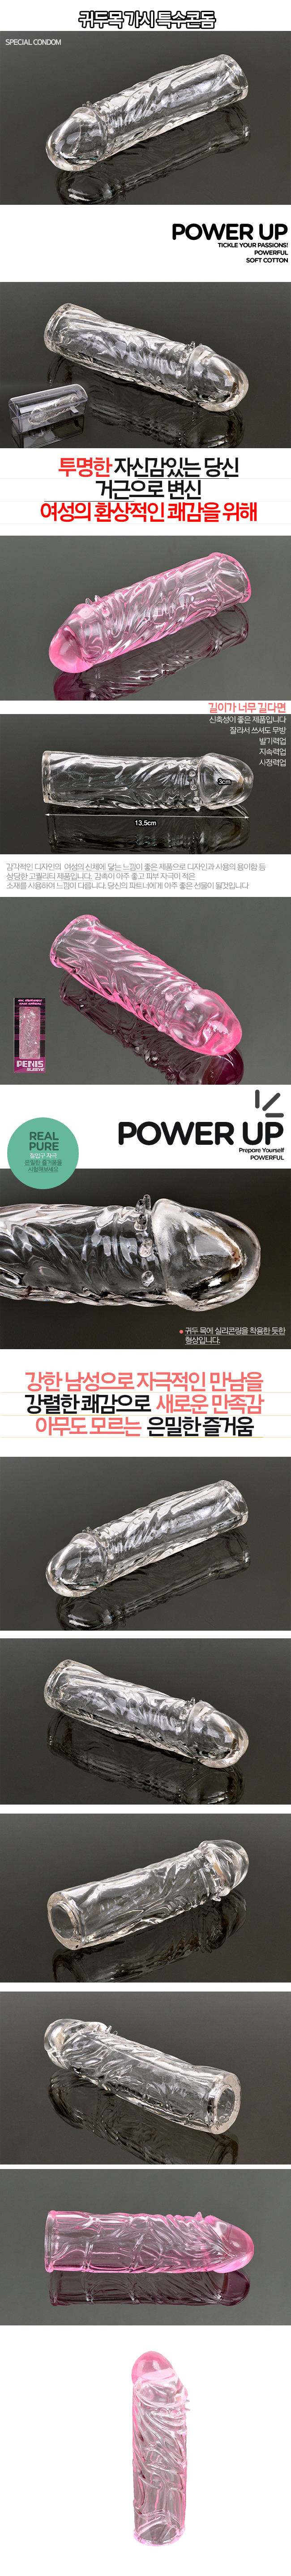 [거근변신] 귀두목 가시 특수콘돔 8018-01